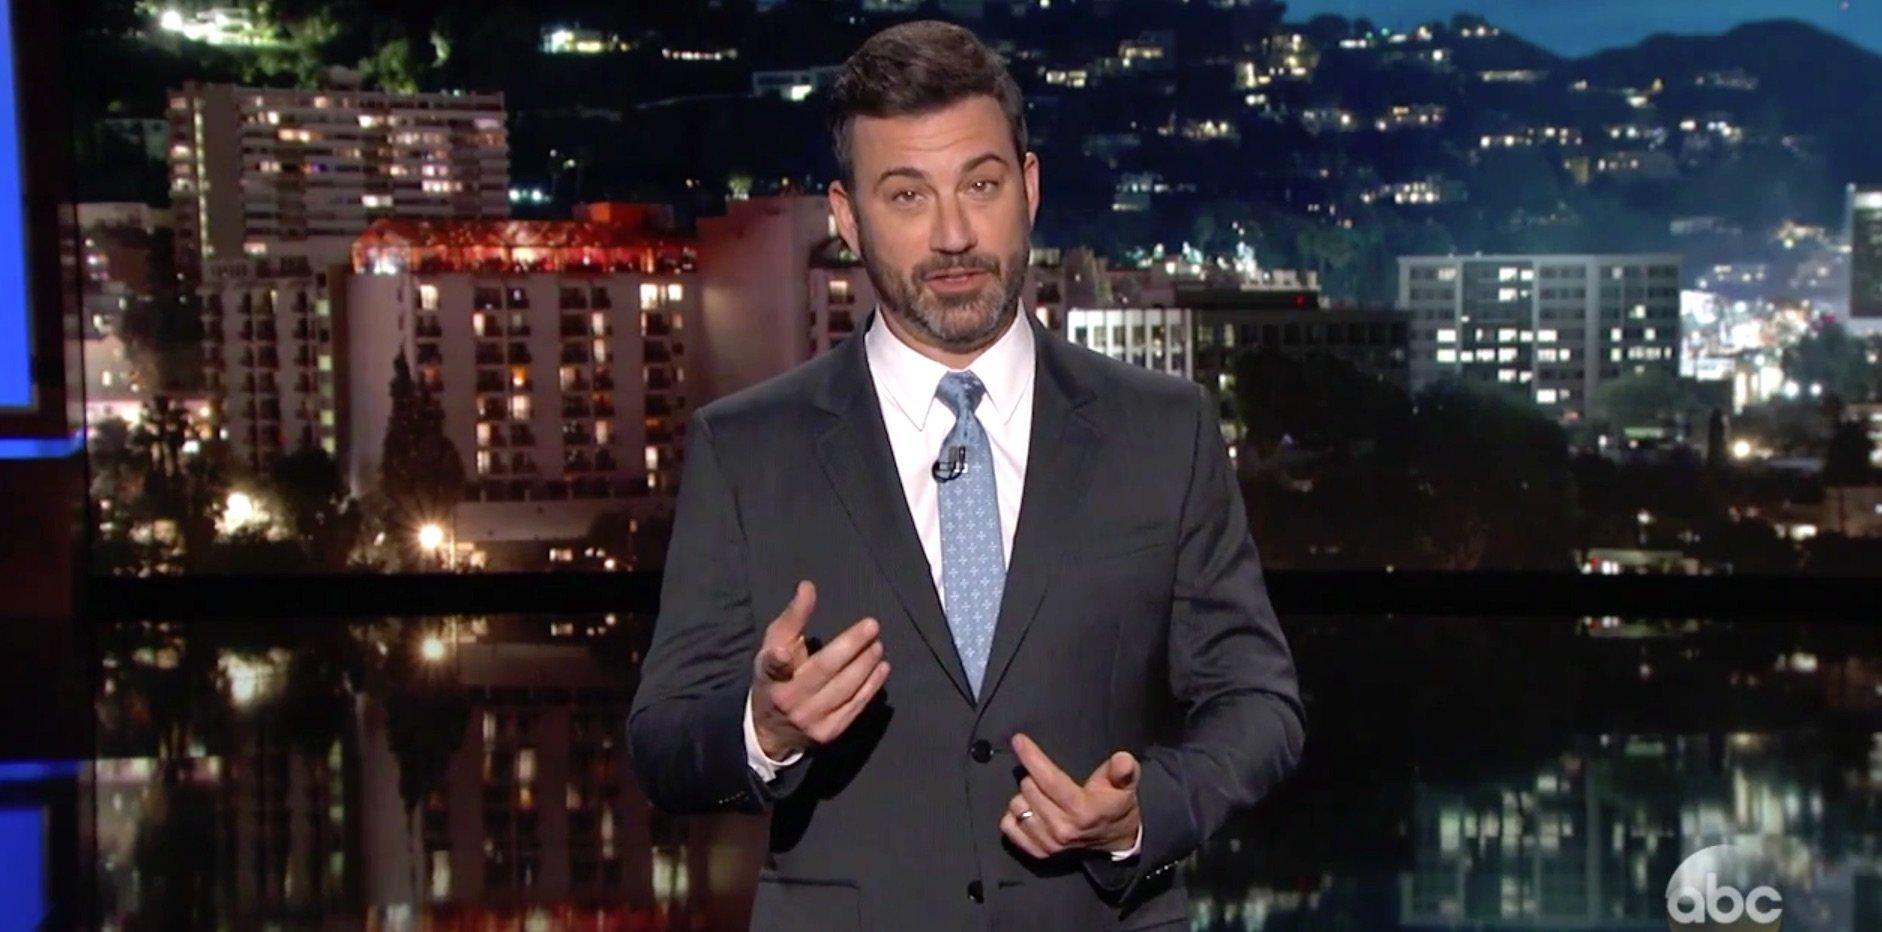 Jimmy Kimmel Shuts Down Donald Trump's IQ